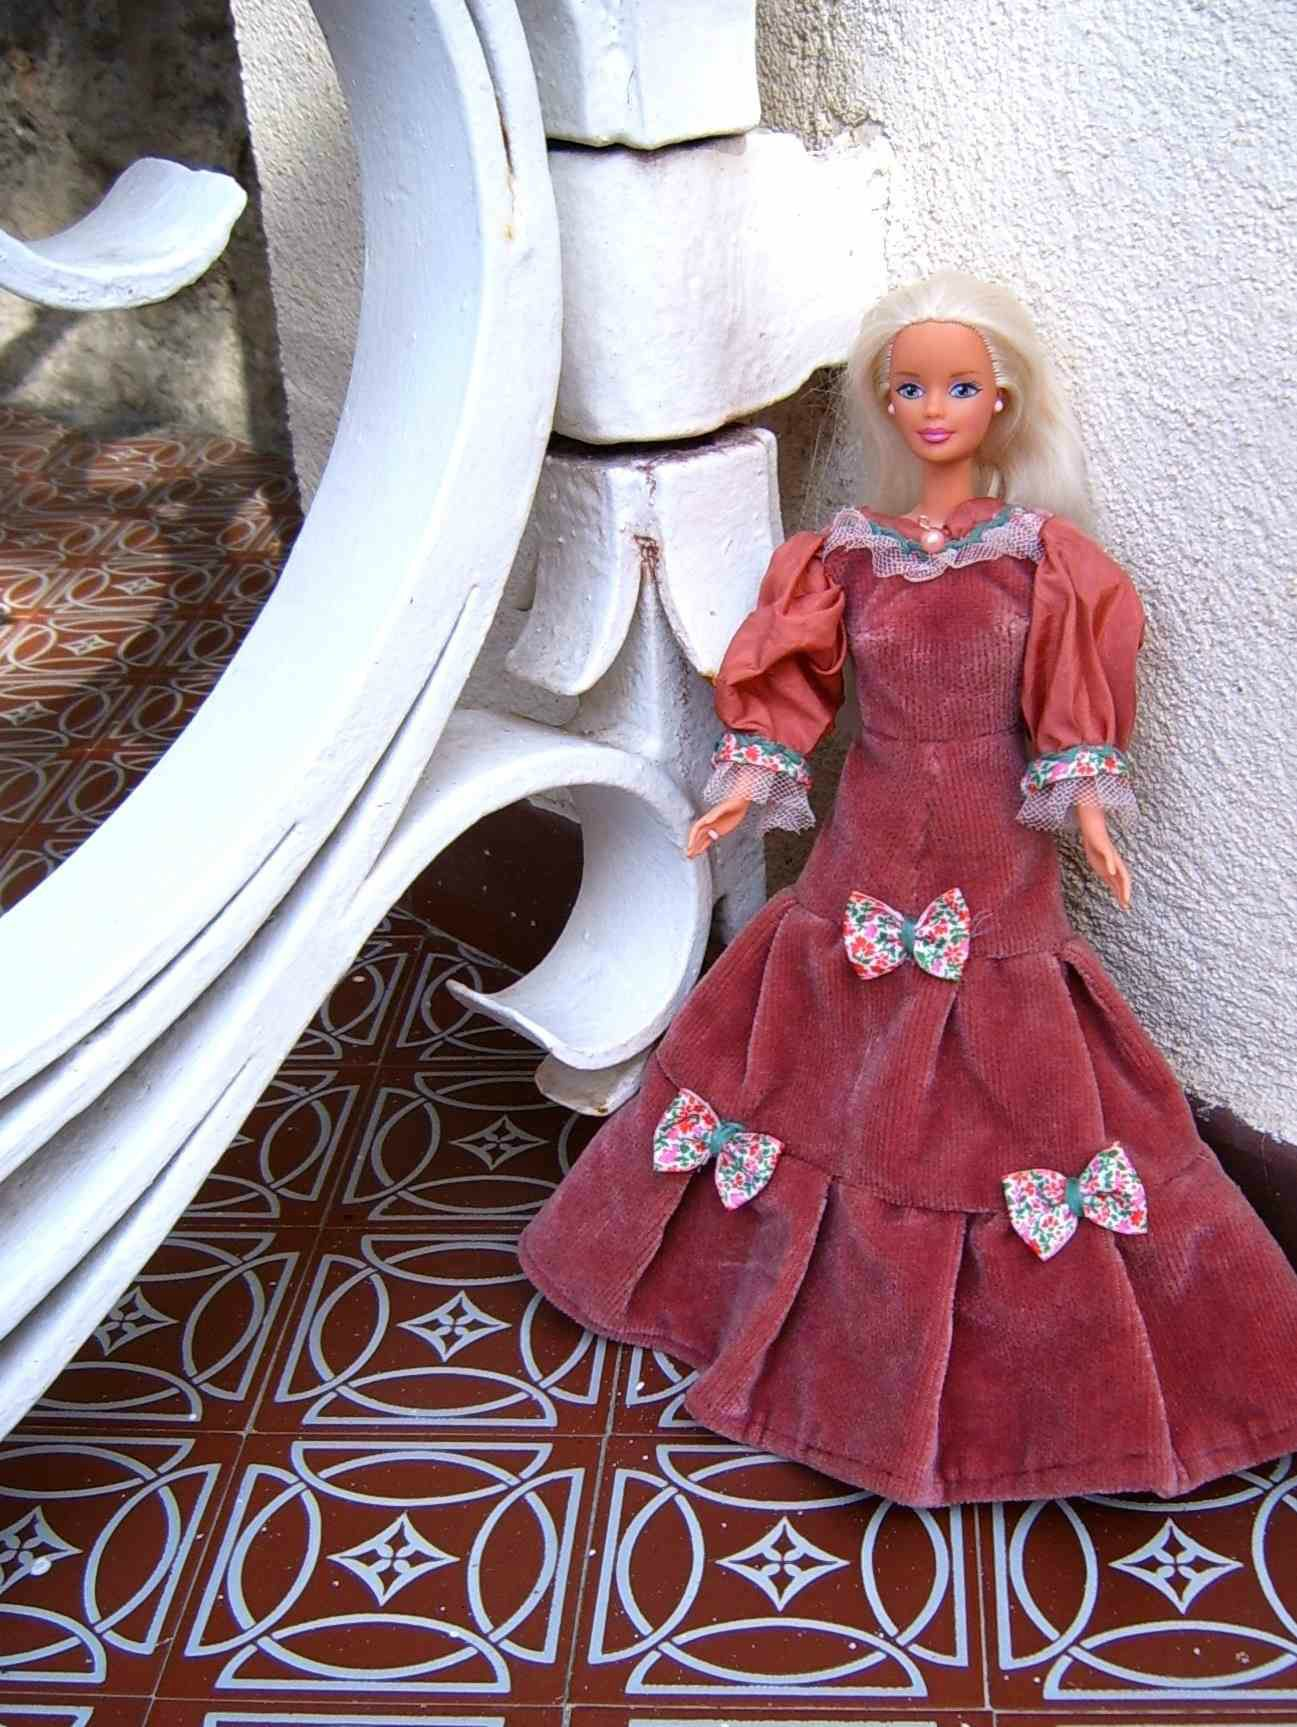 Recyclage textile Barbie Robe collection 19ème siècle chutes tissu rideau velours Art récupération